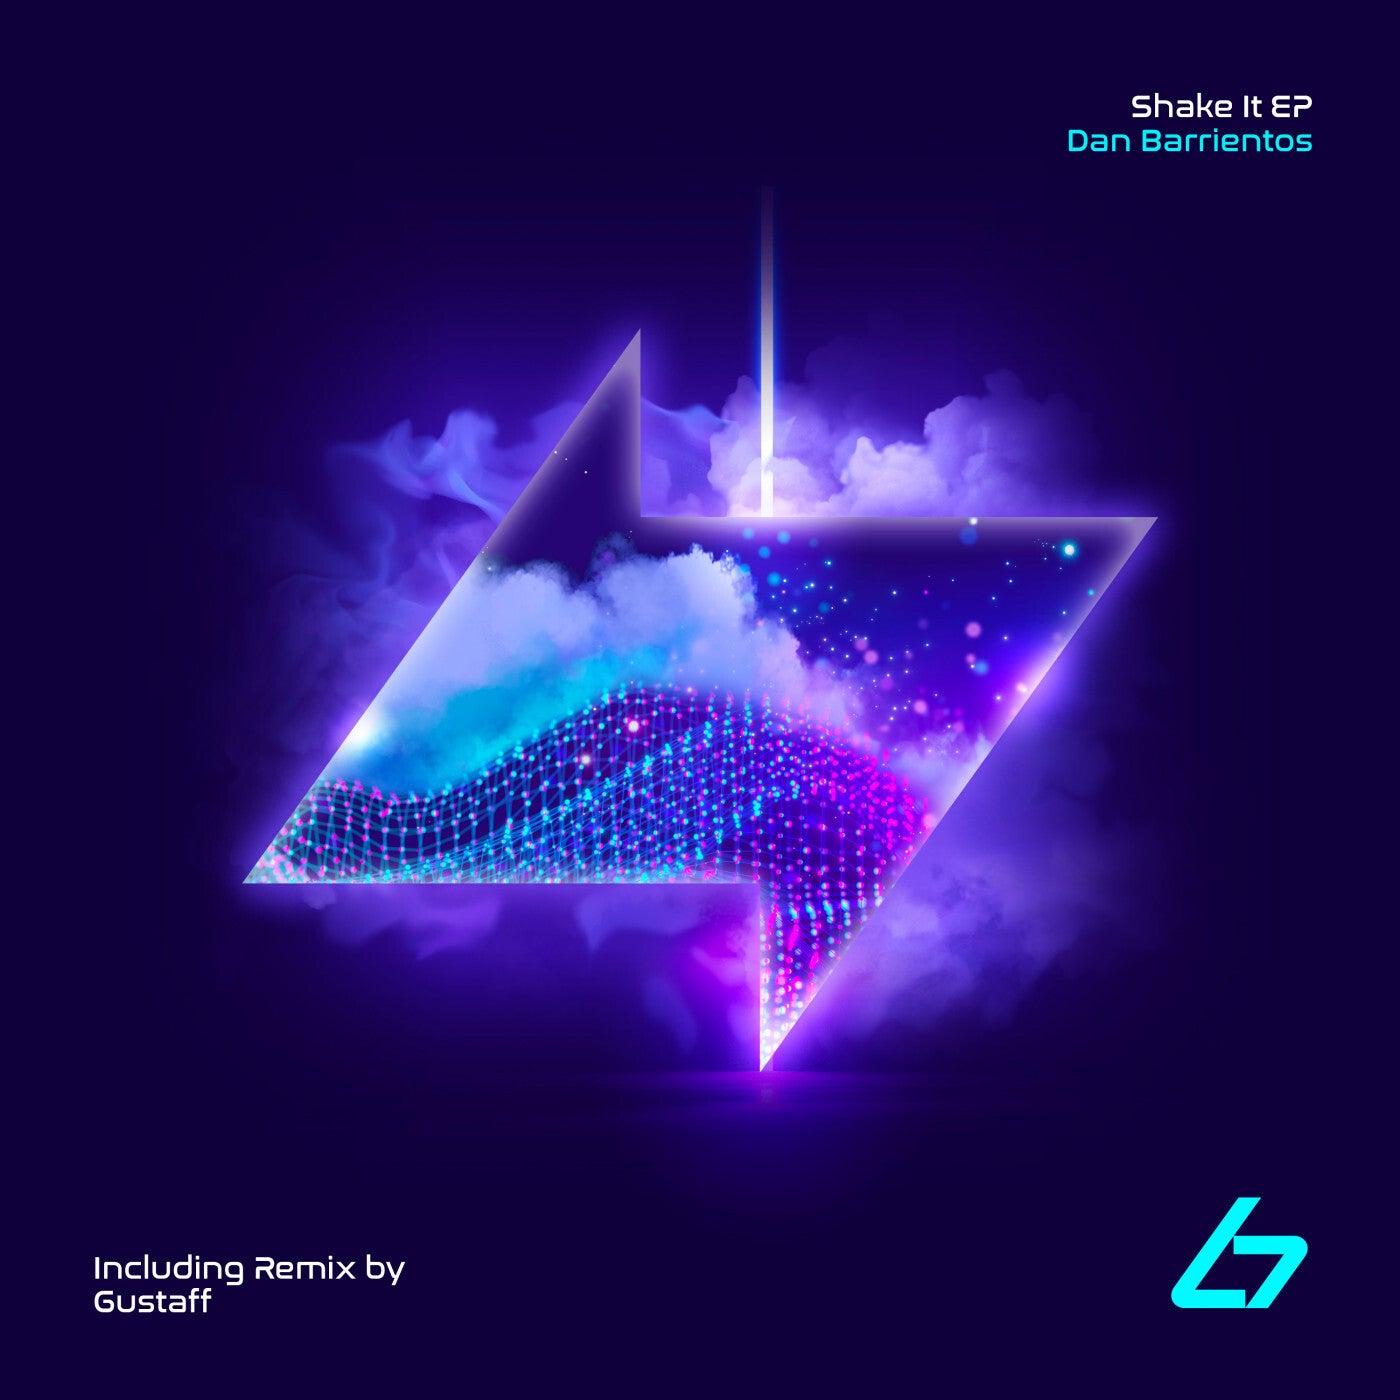 Shake It EP